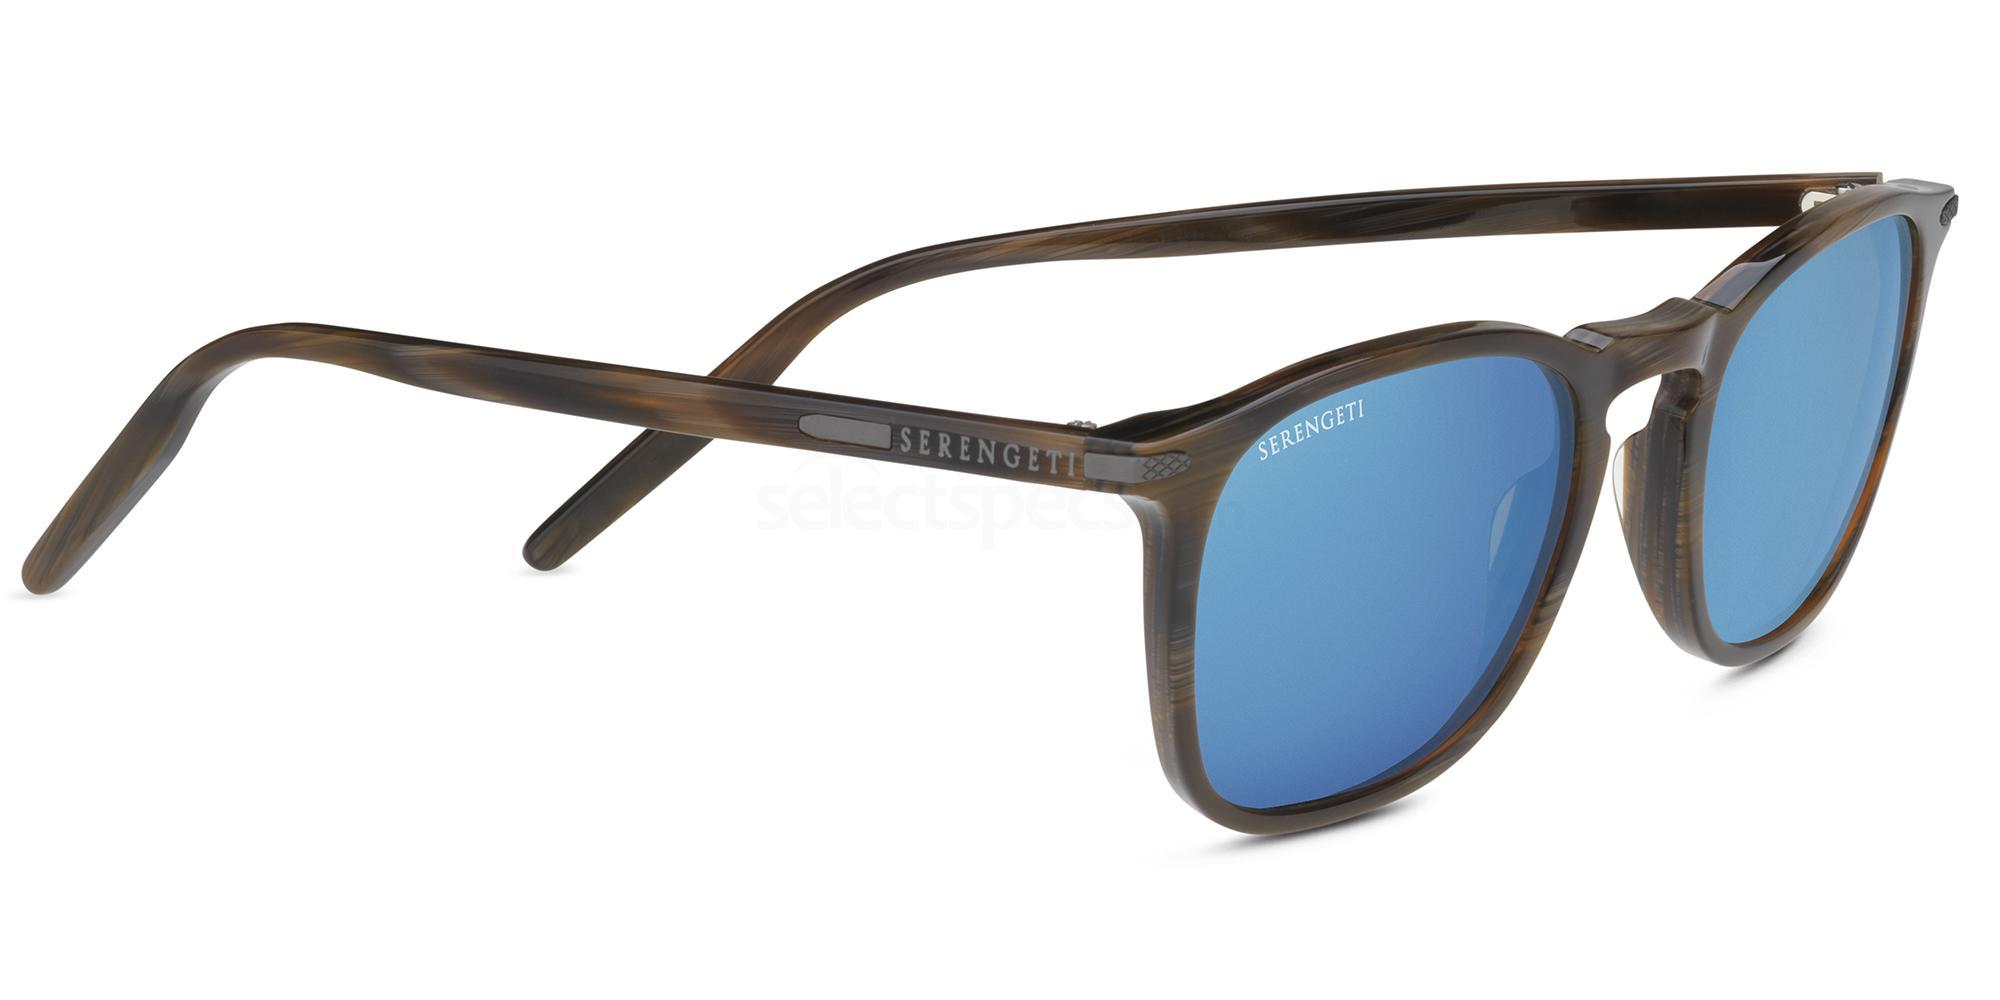 8852 DELIO Sunglasses, Serengeti